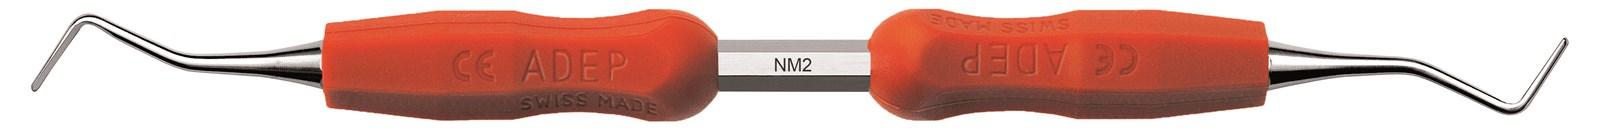 Lžičkové dlátko - NM2, ADEP fialový